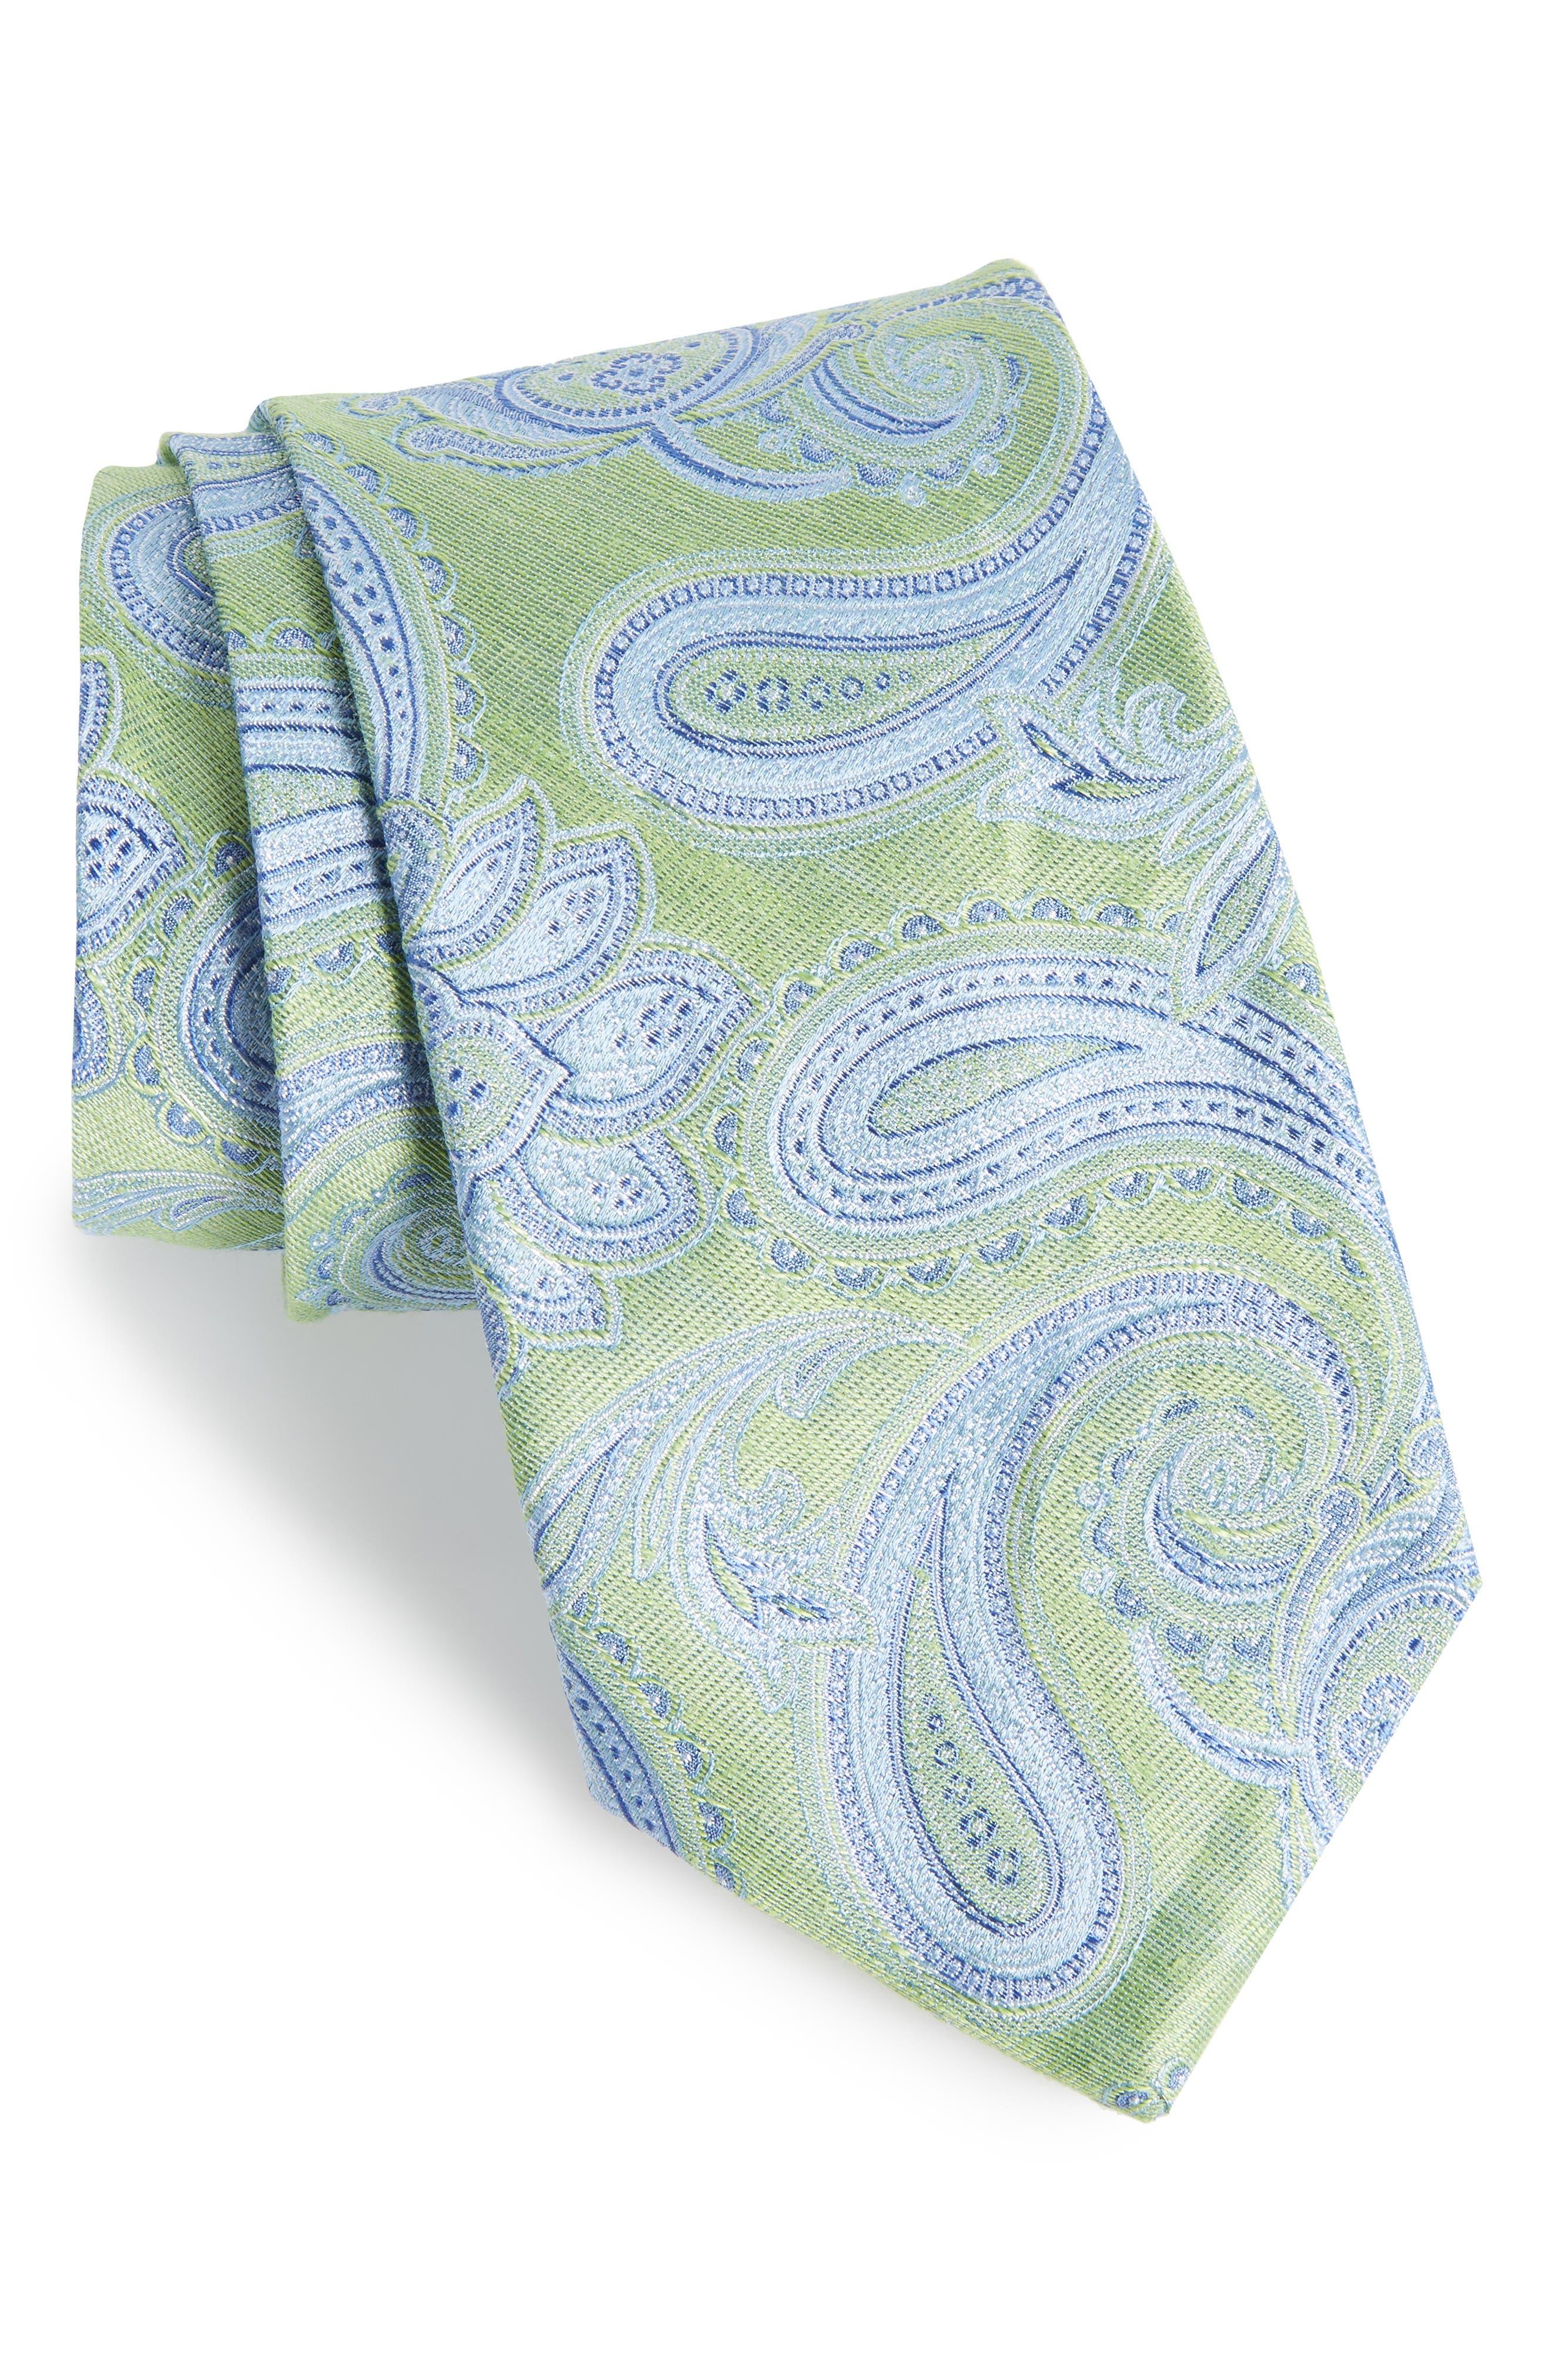 Anrigo Pailsey Silk & Linen Tie,                         Main,                         color, GREEN